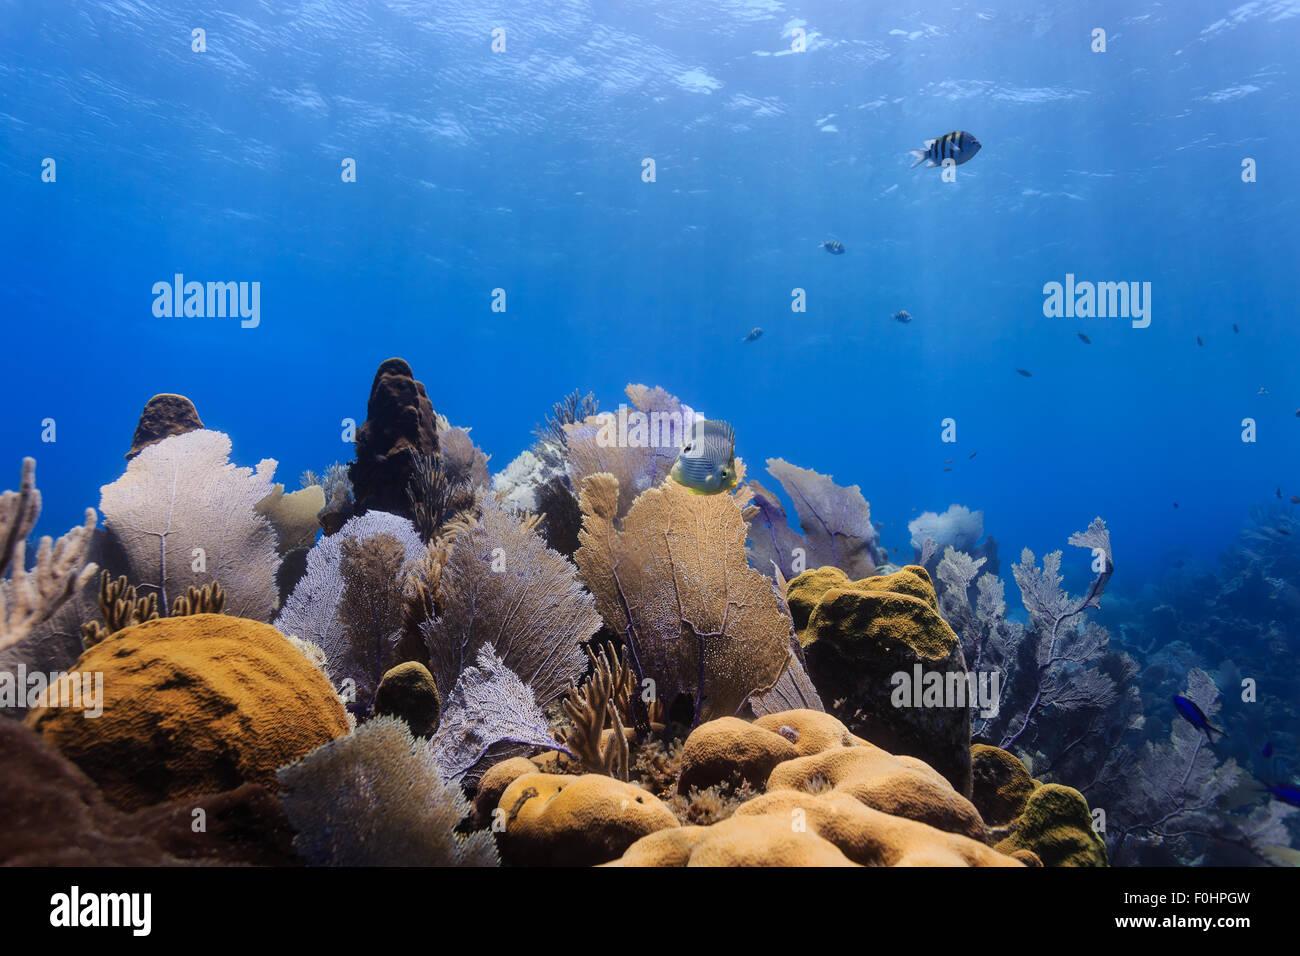 Paesaggio colorato e luminoso appassionati di mare e pesci tropicali sulla barriera corallina Immagini Stock